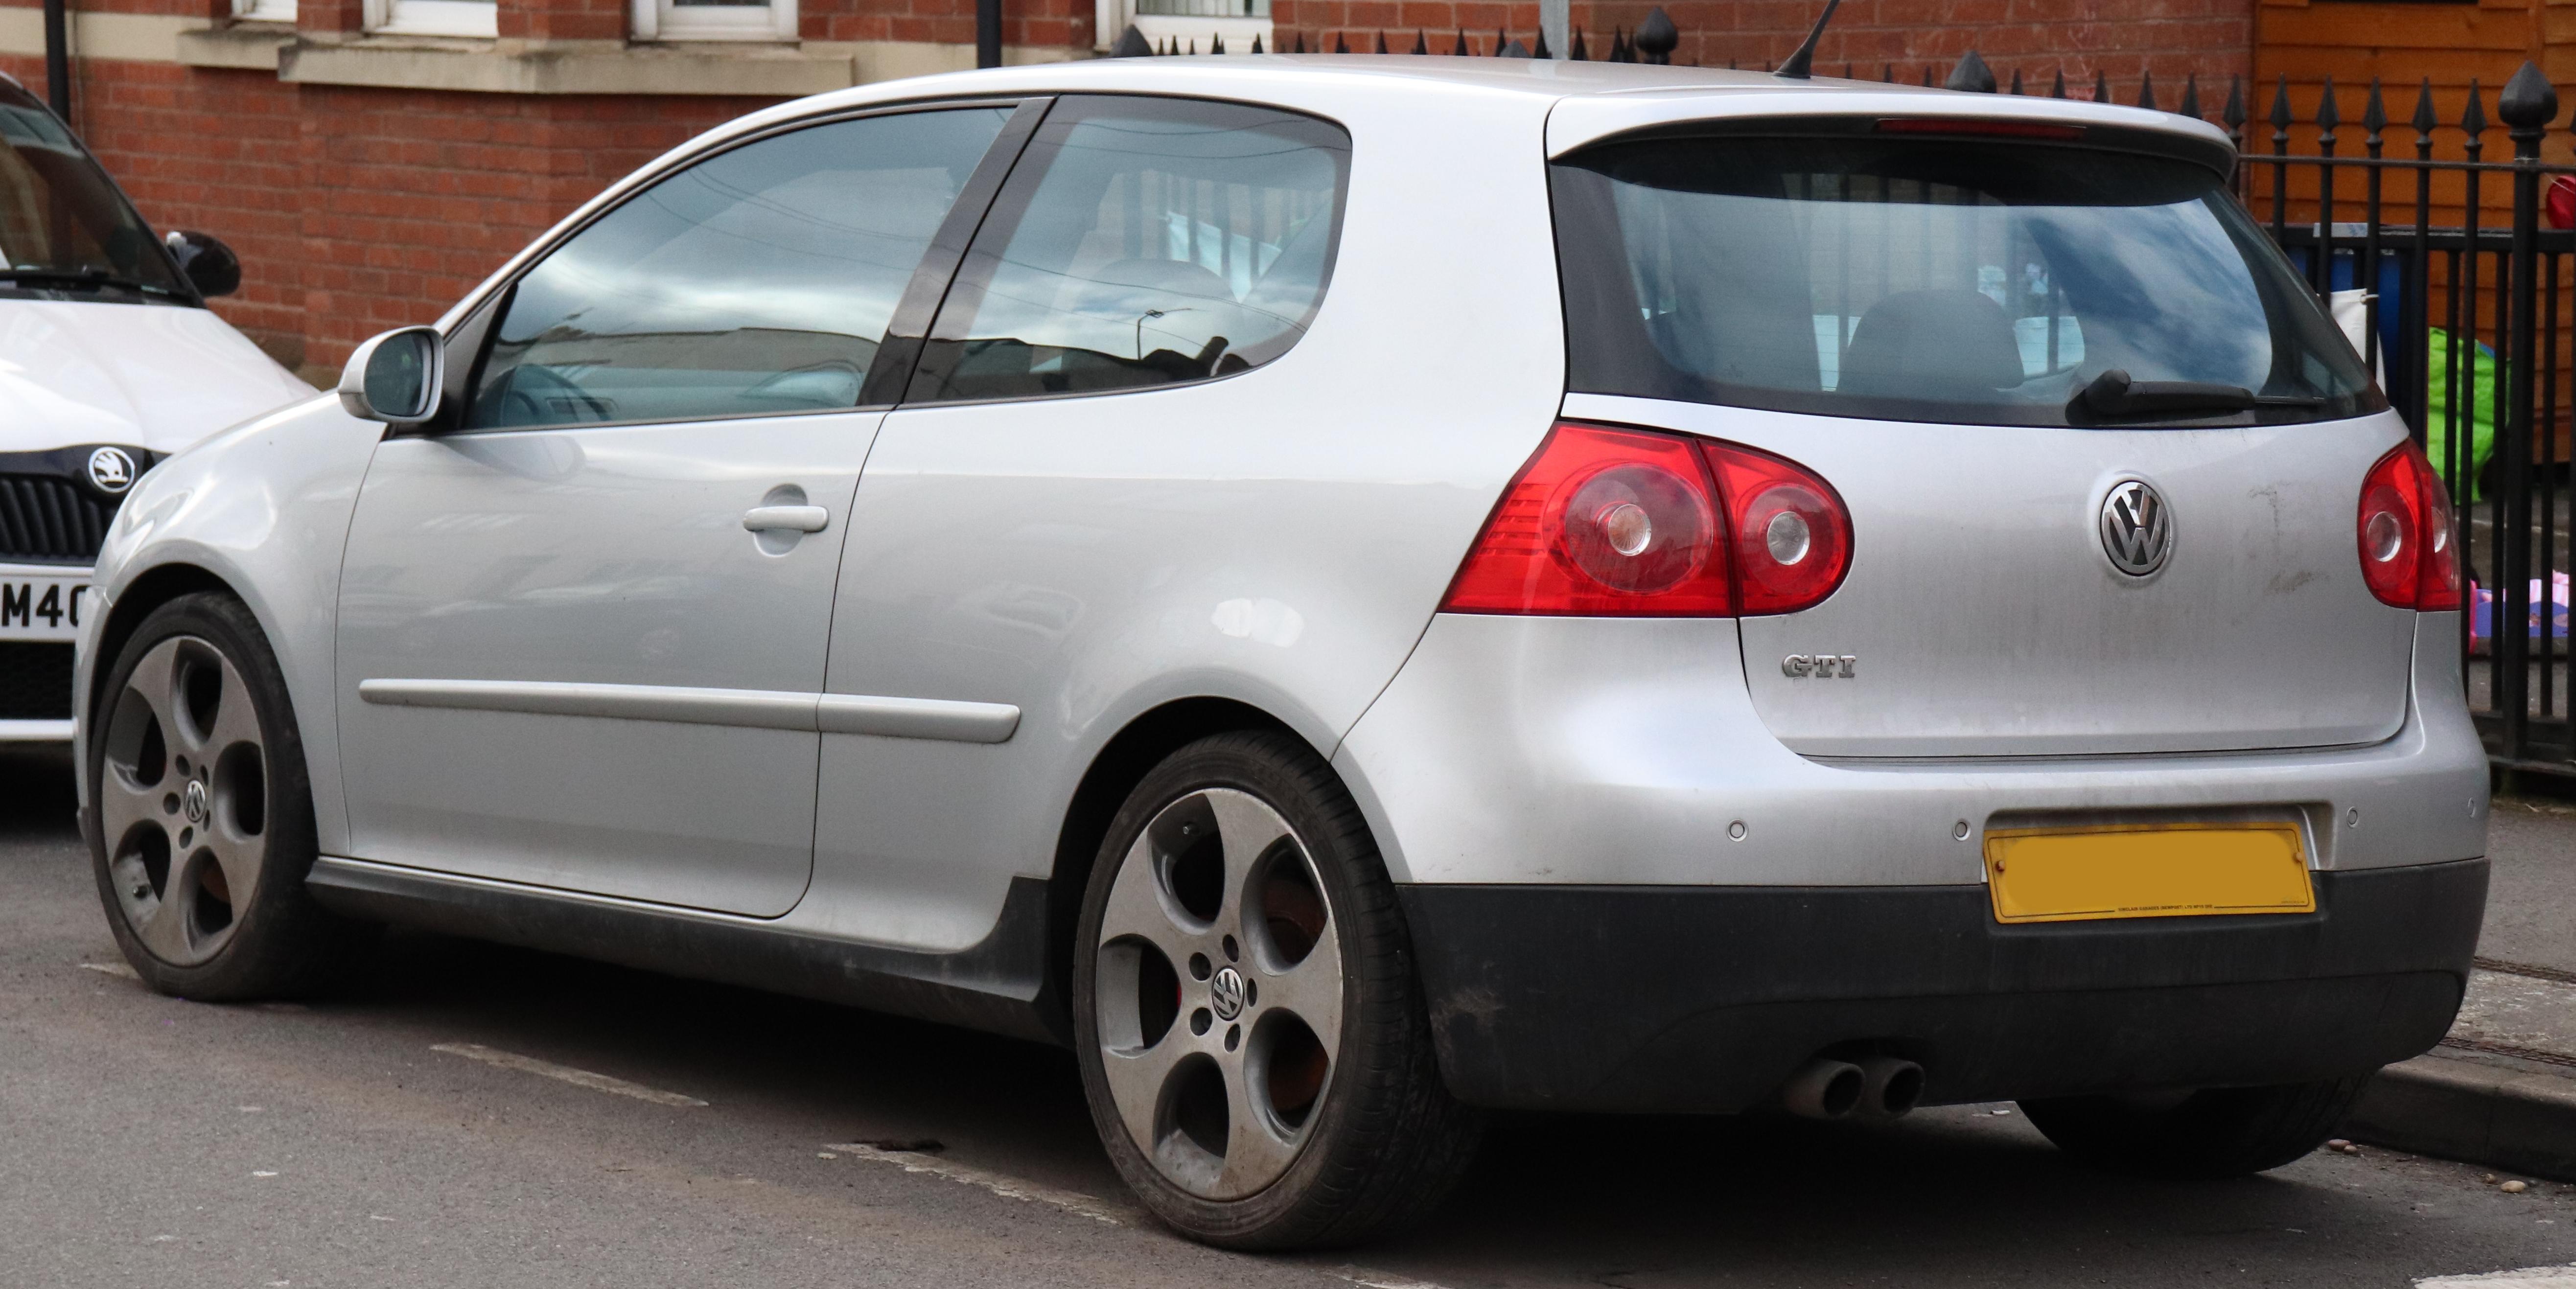 File:2005 Volkswagen Golf GTi 2.0 Rear